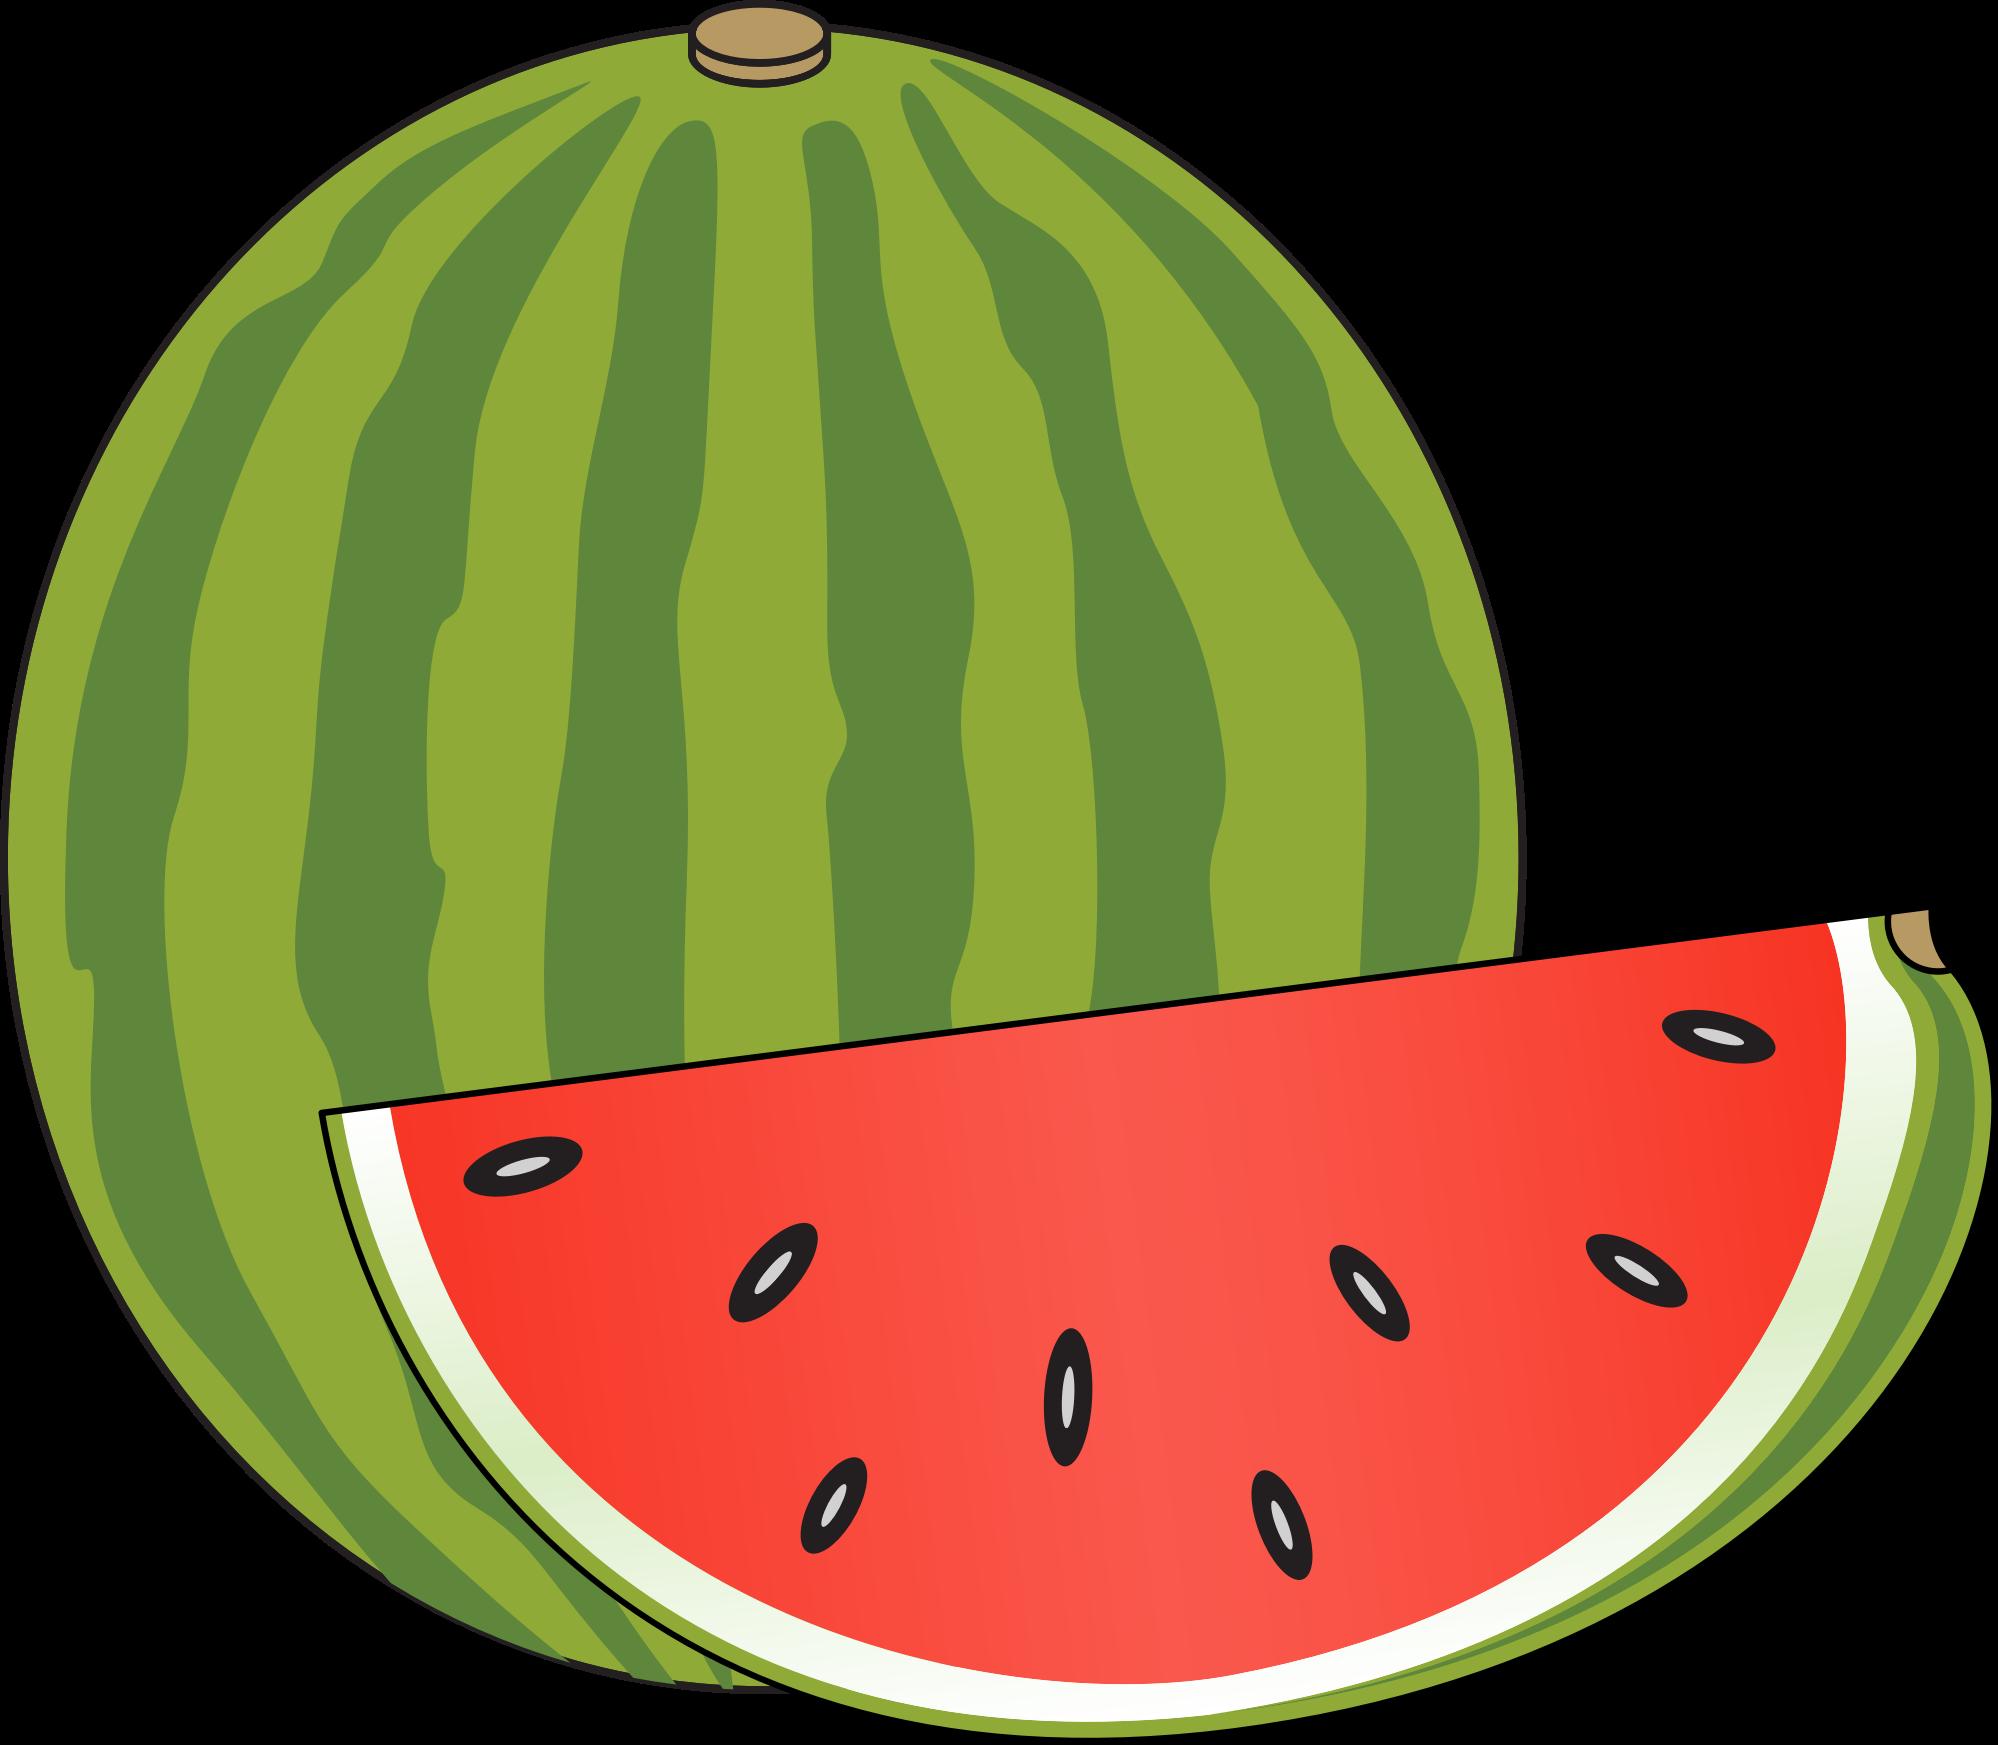 1998x1745 Watermelon Clipart Transparent Background